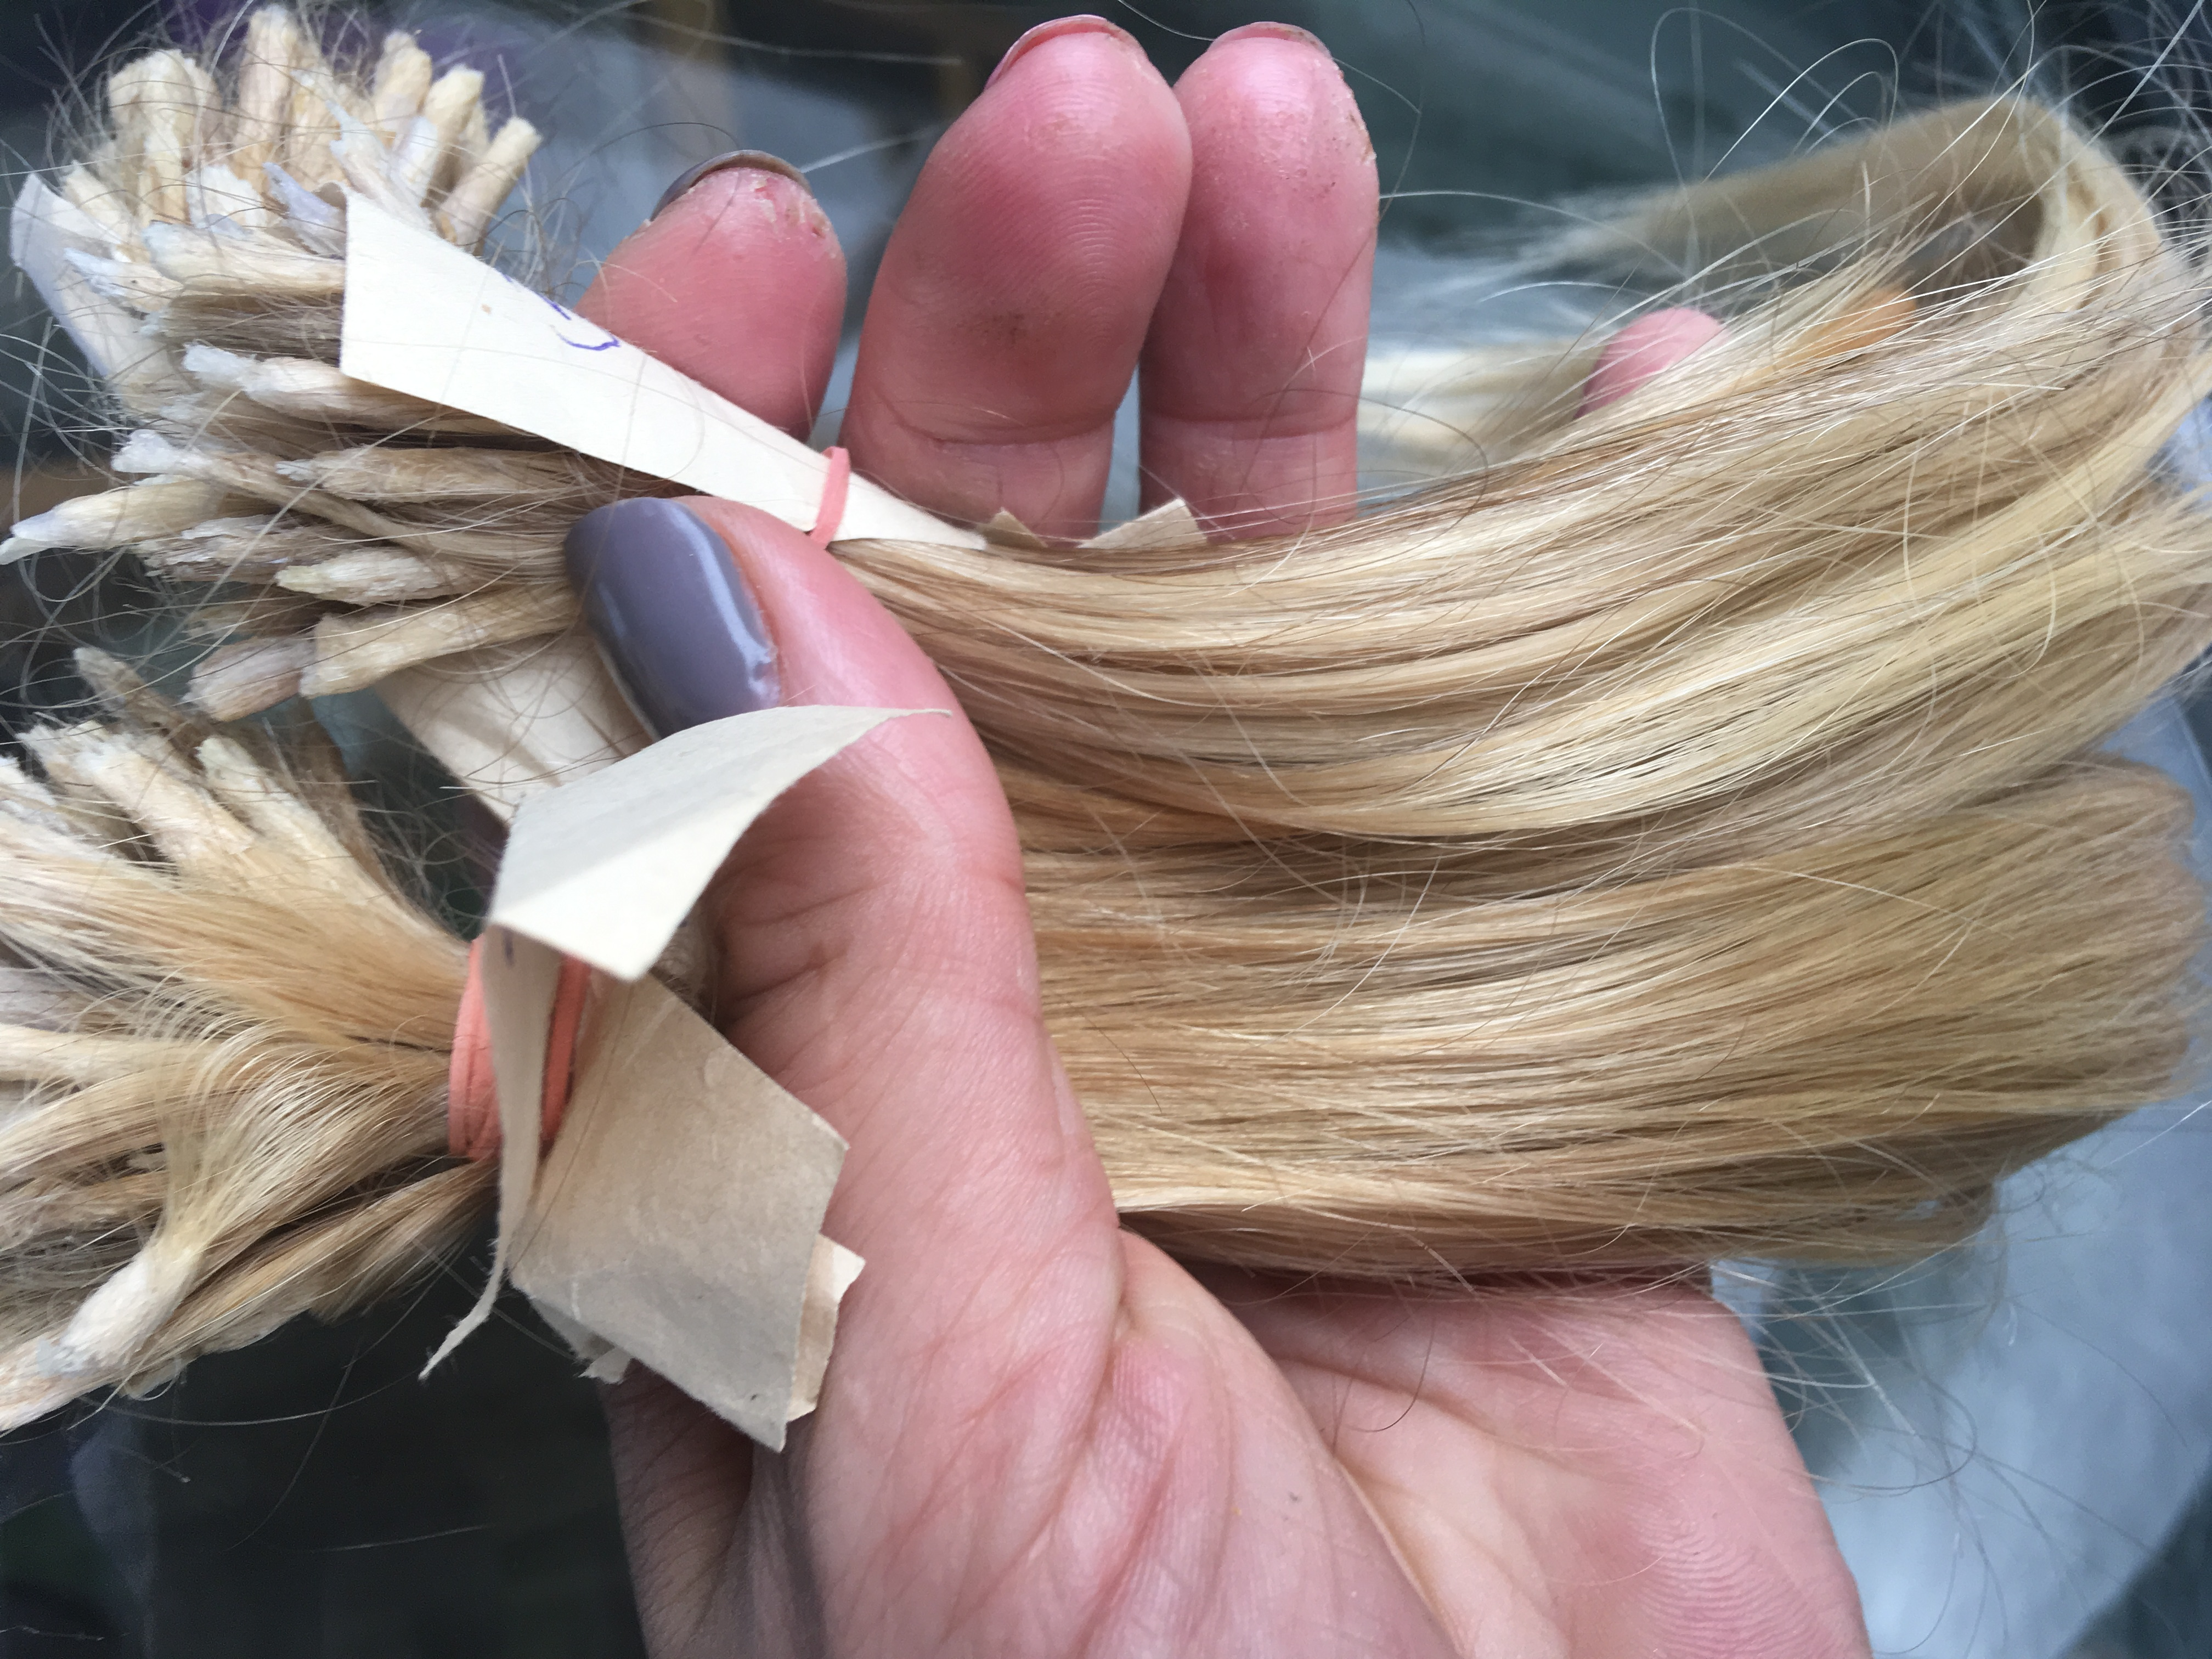 prodluzovani vlasu ostrava